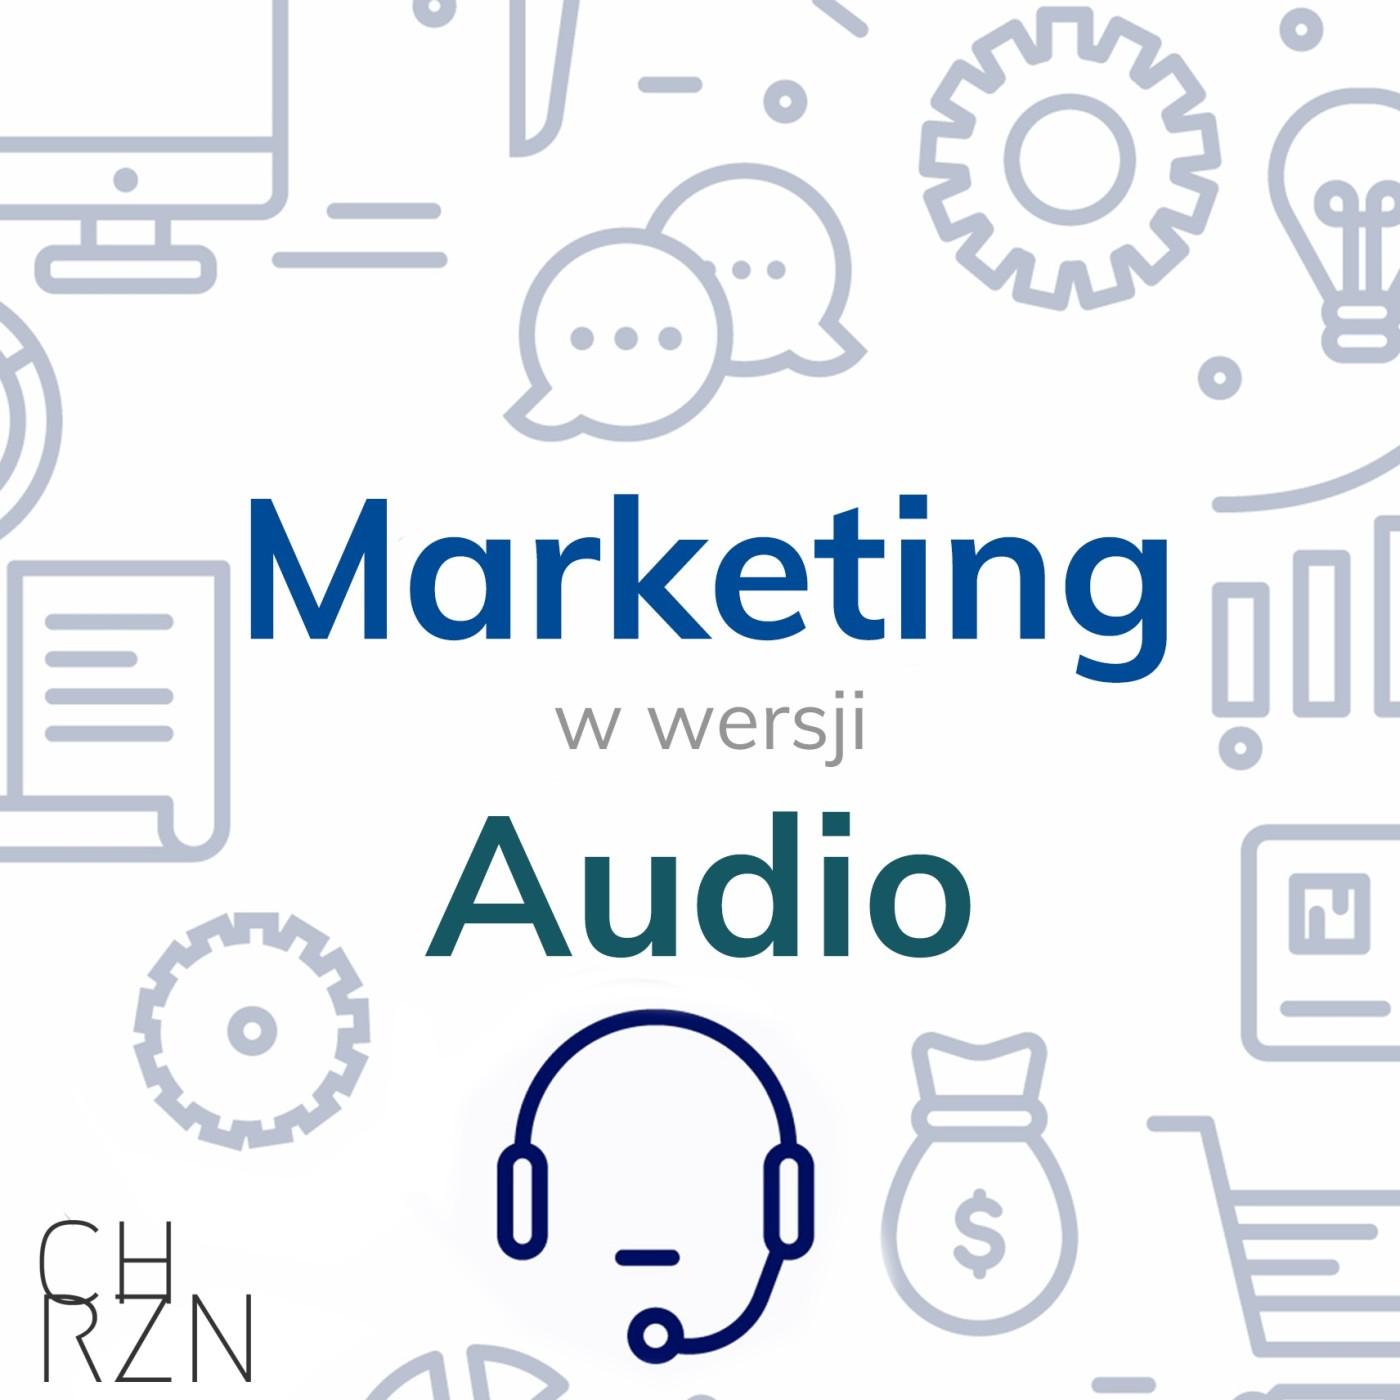 MWWA #80 Jak zacząć pracę w marketingu? Moja historia! Cz. 1 - Studia, CV, staże, rozmowa rekrutacyjna